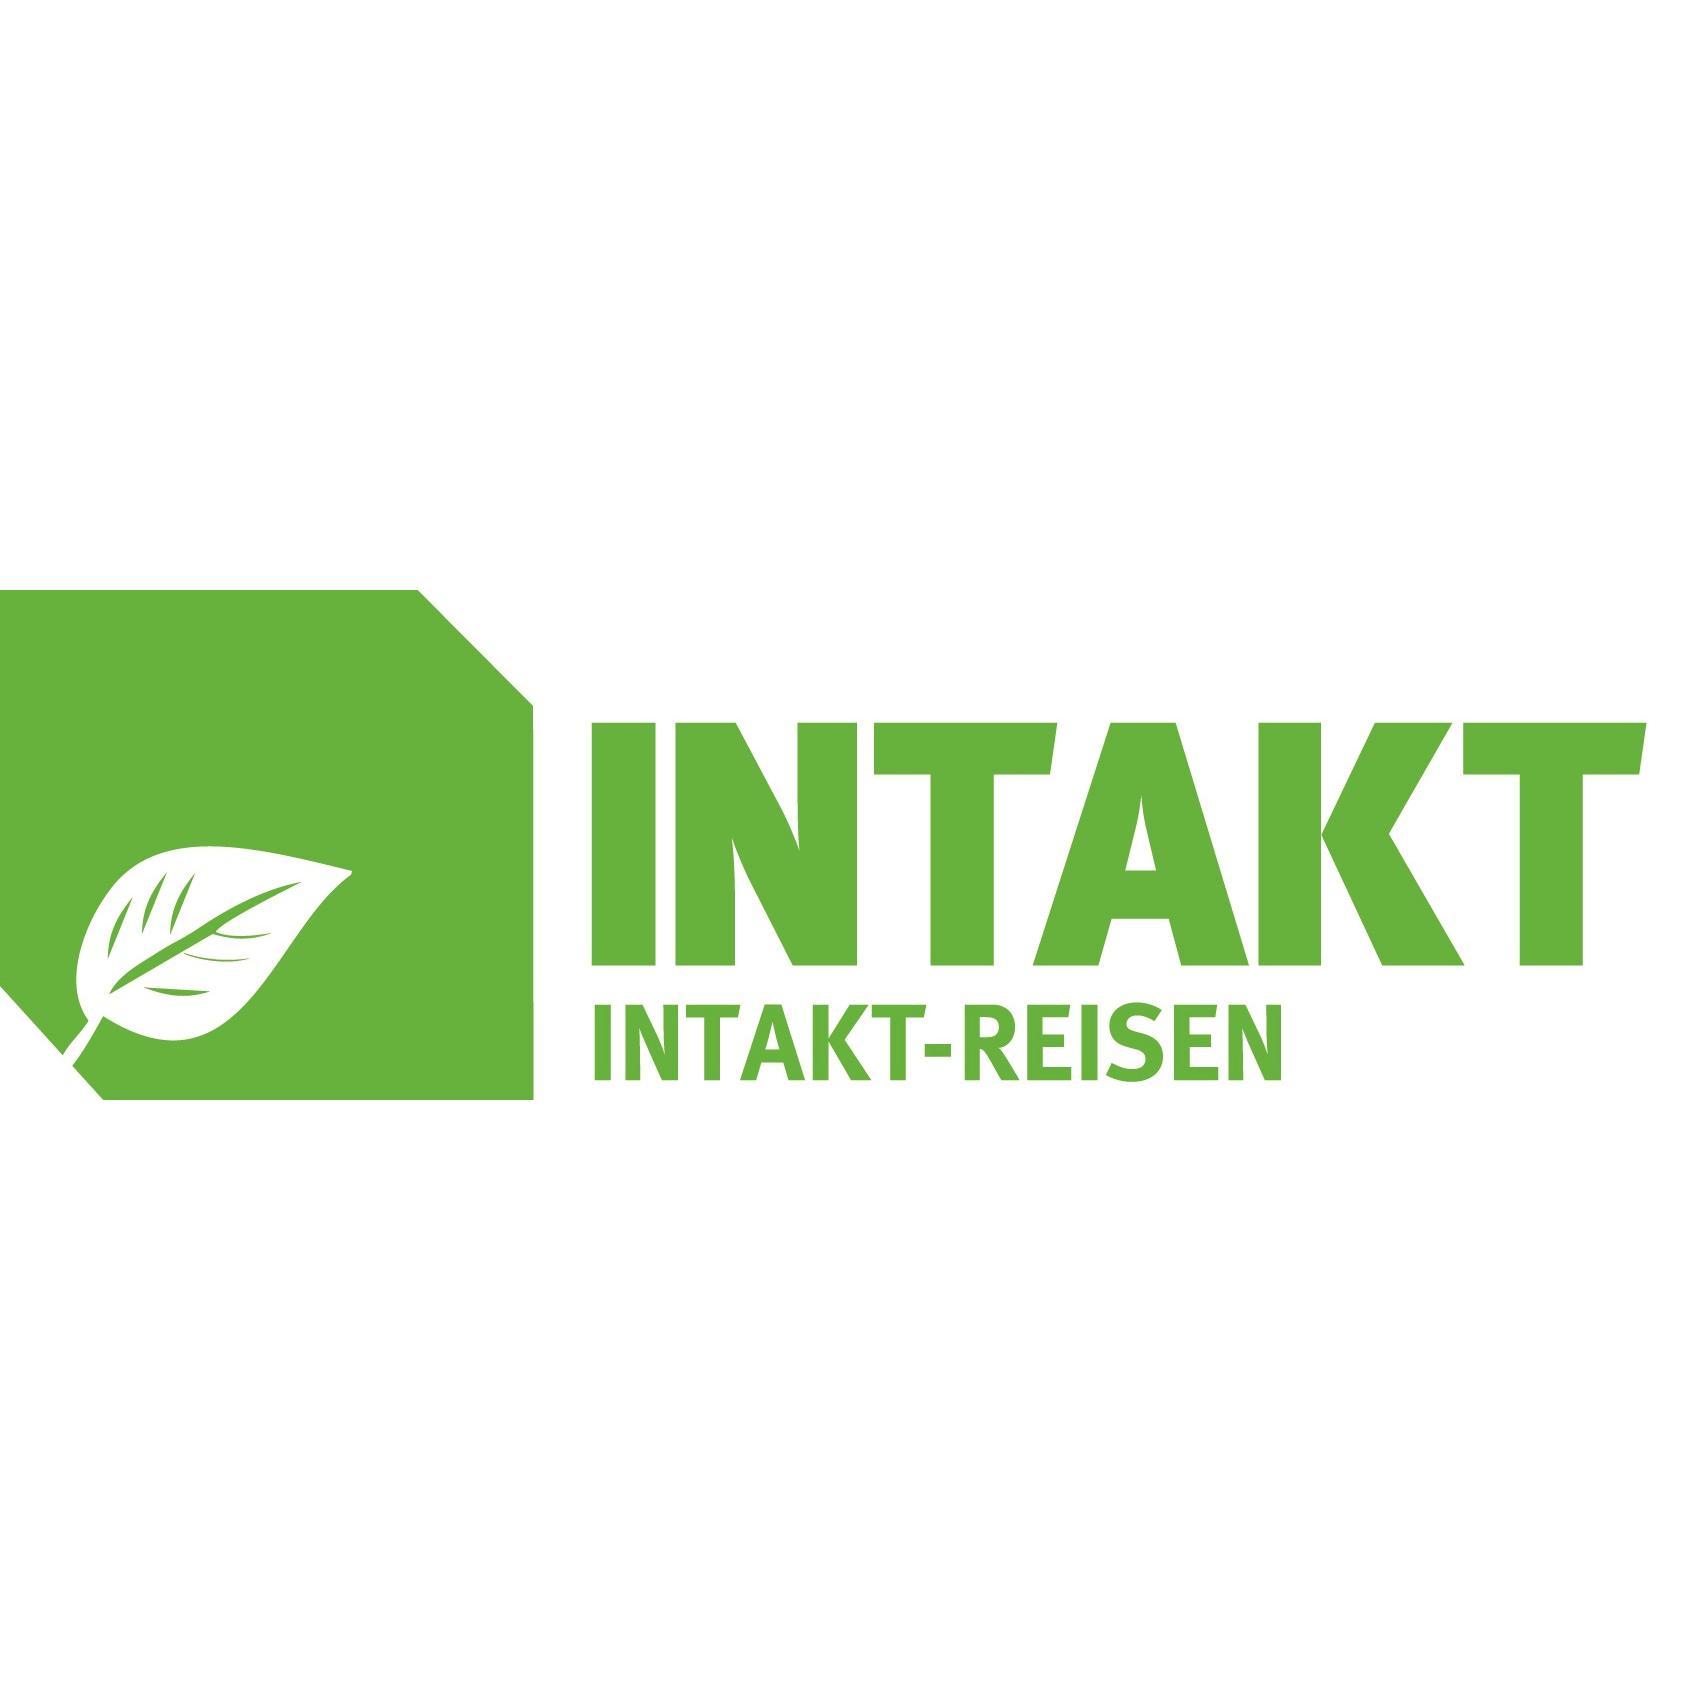 Intakt-Reisen GmbH & Co. KG